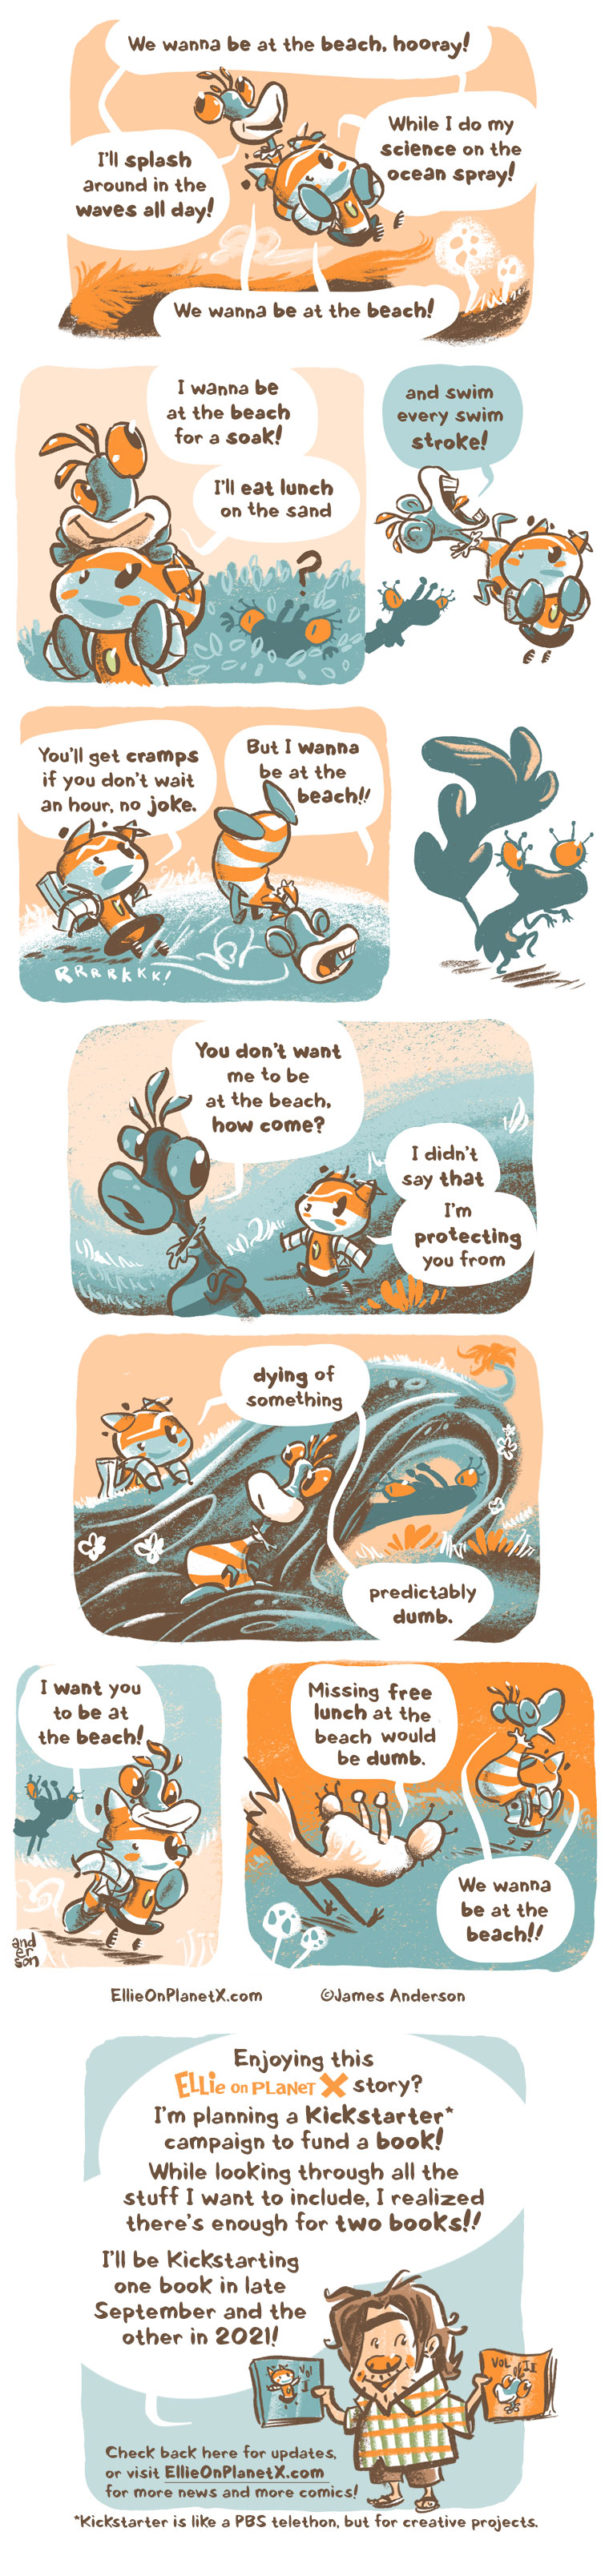 I wanna be at the beach